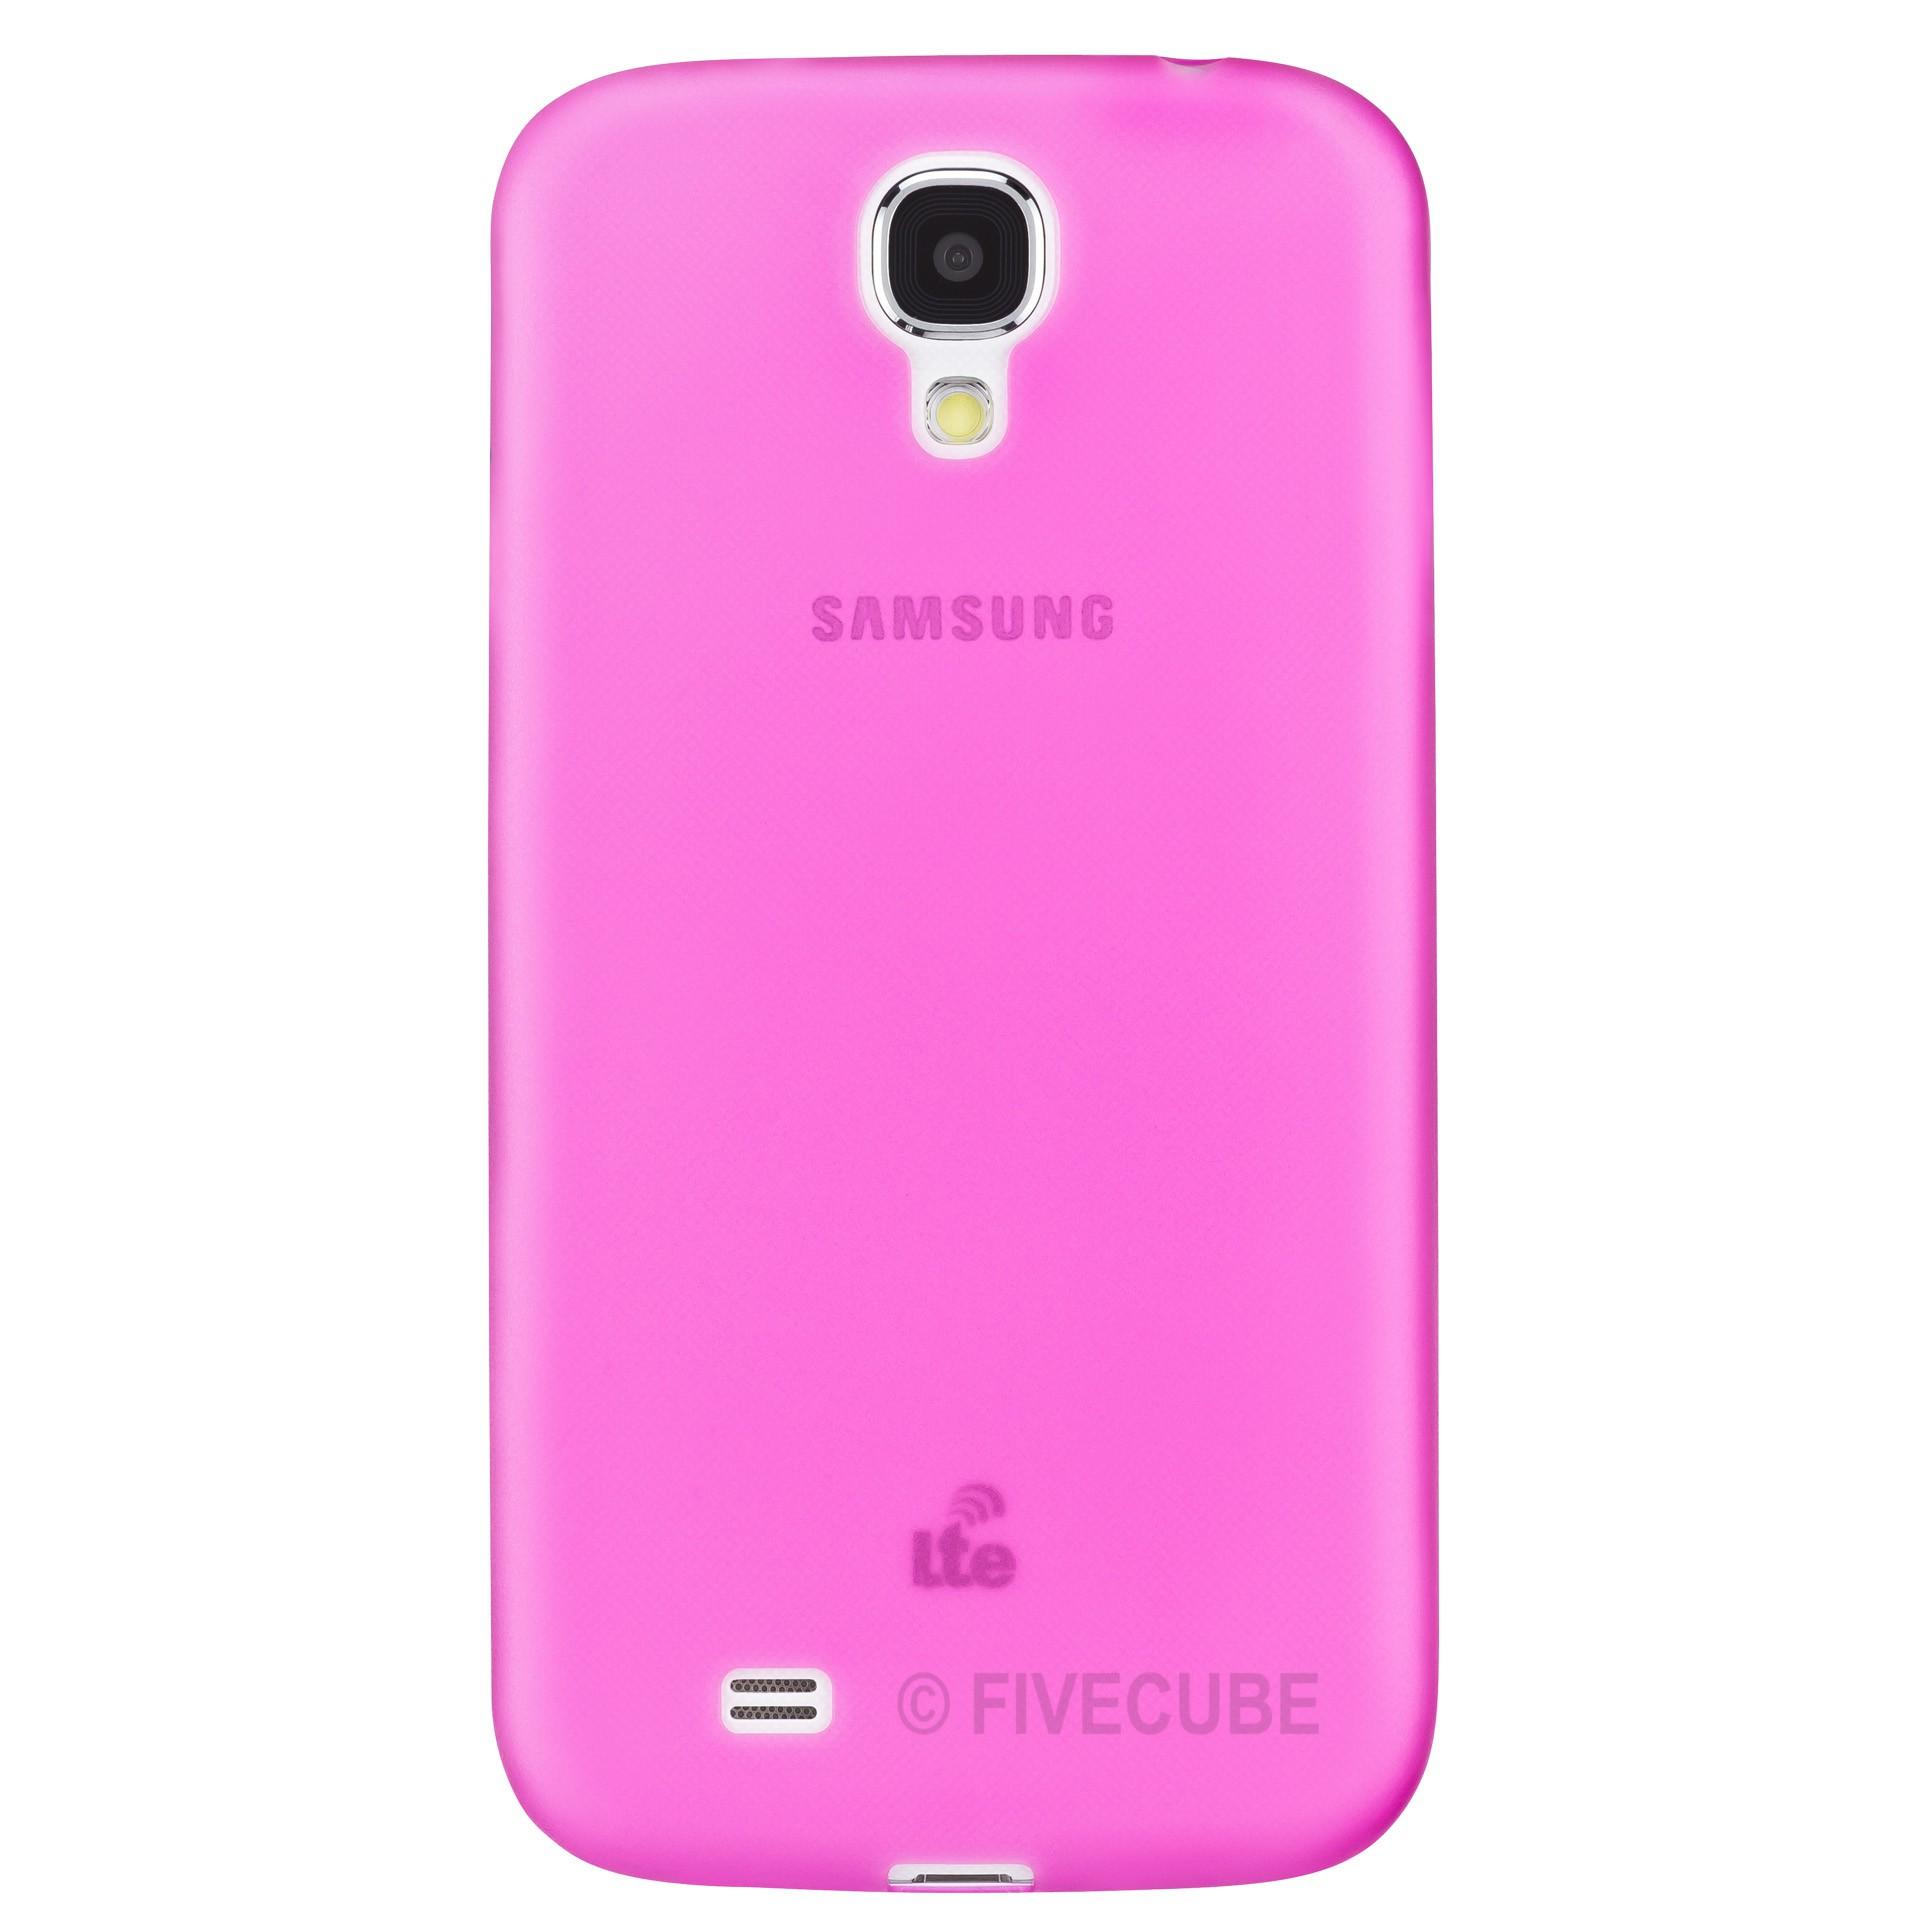 Yemota Pro Slimcase für Samsung Galaxy S4 mini - Pink